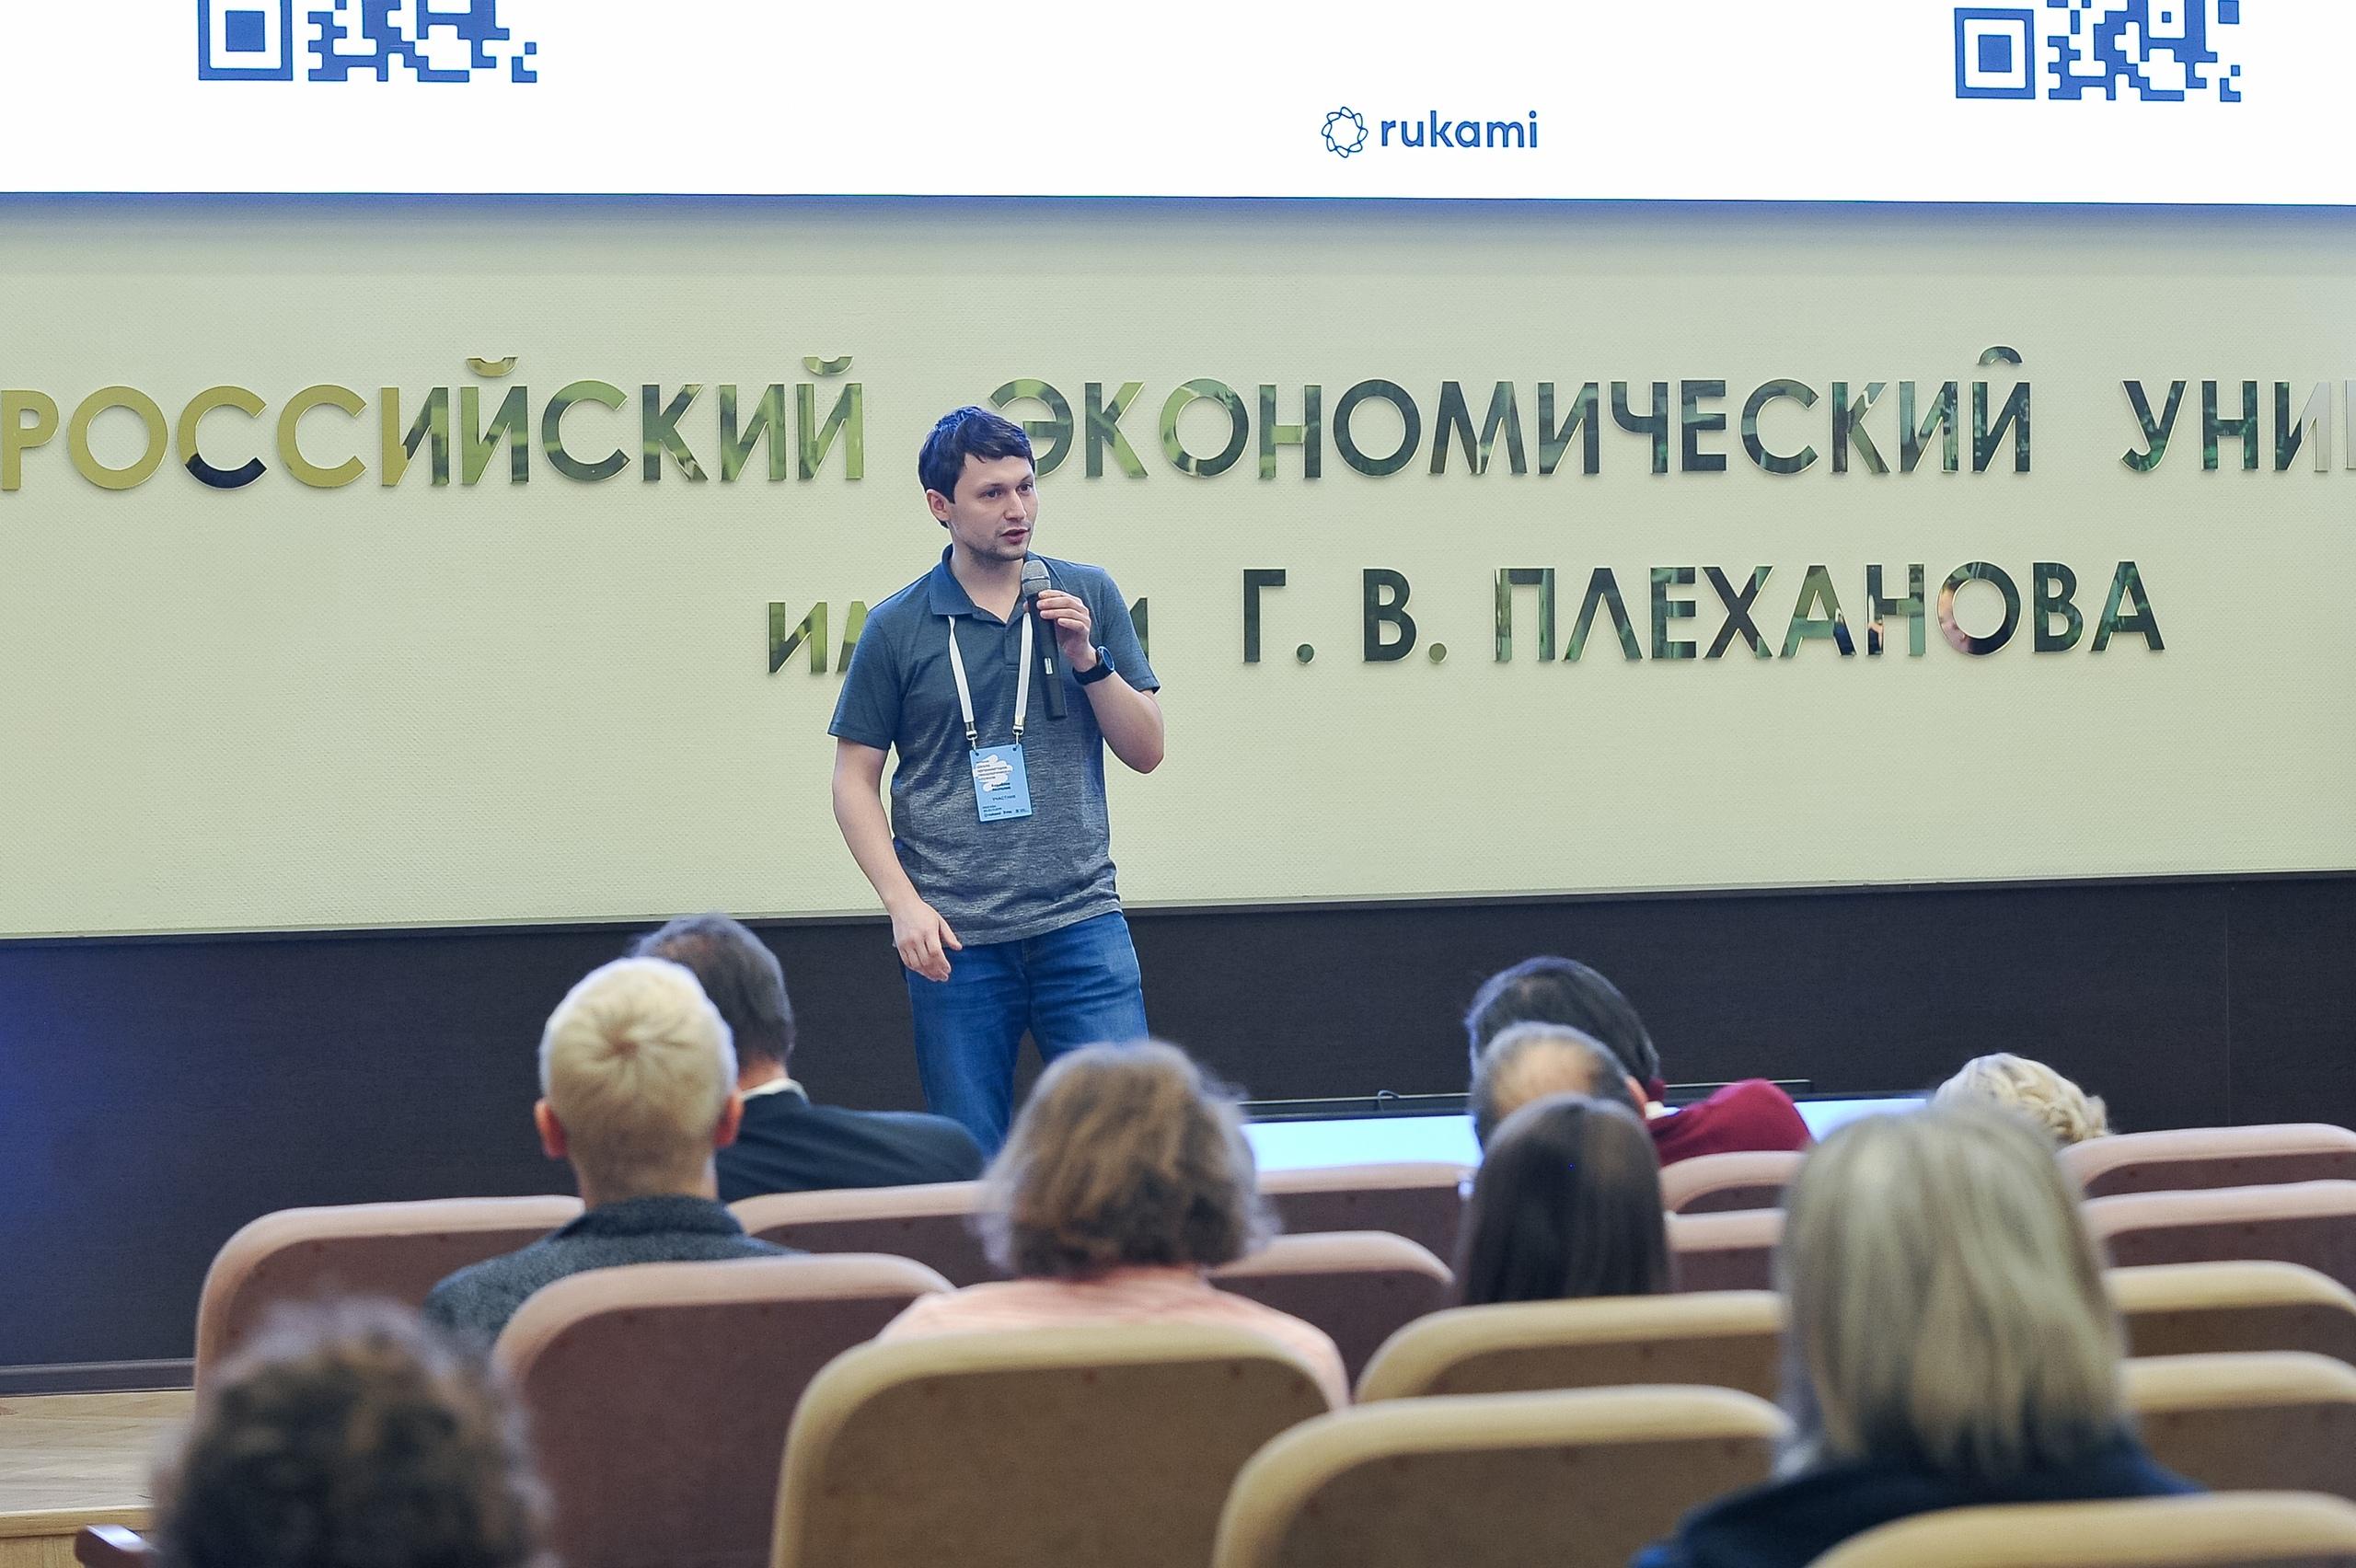 Проект Молодёжных инноваций вошёл в двадцатку лучших в России